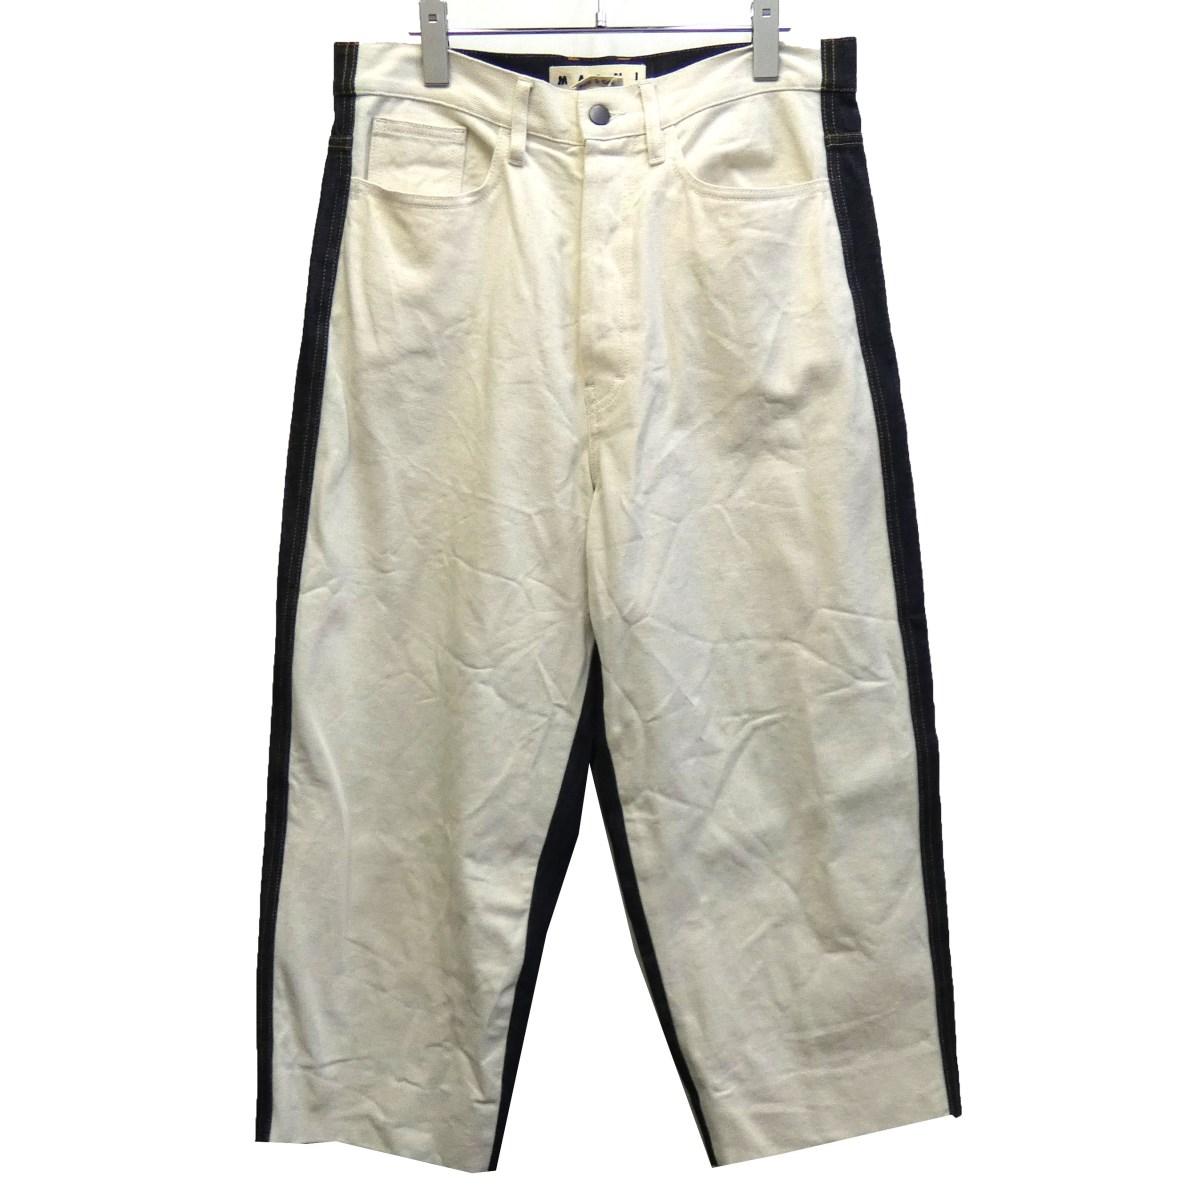 【中古】MARNI 16SS バイカラーデニムパンツ ホワイト×インディゴ サイズ:31 【271119】(マルニ)